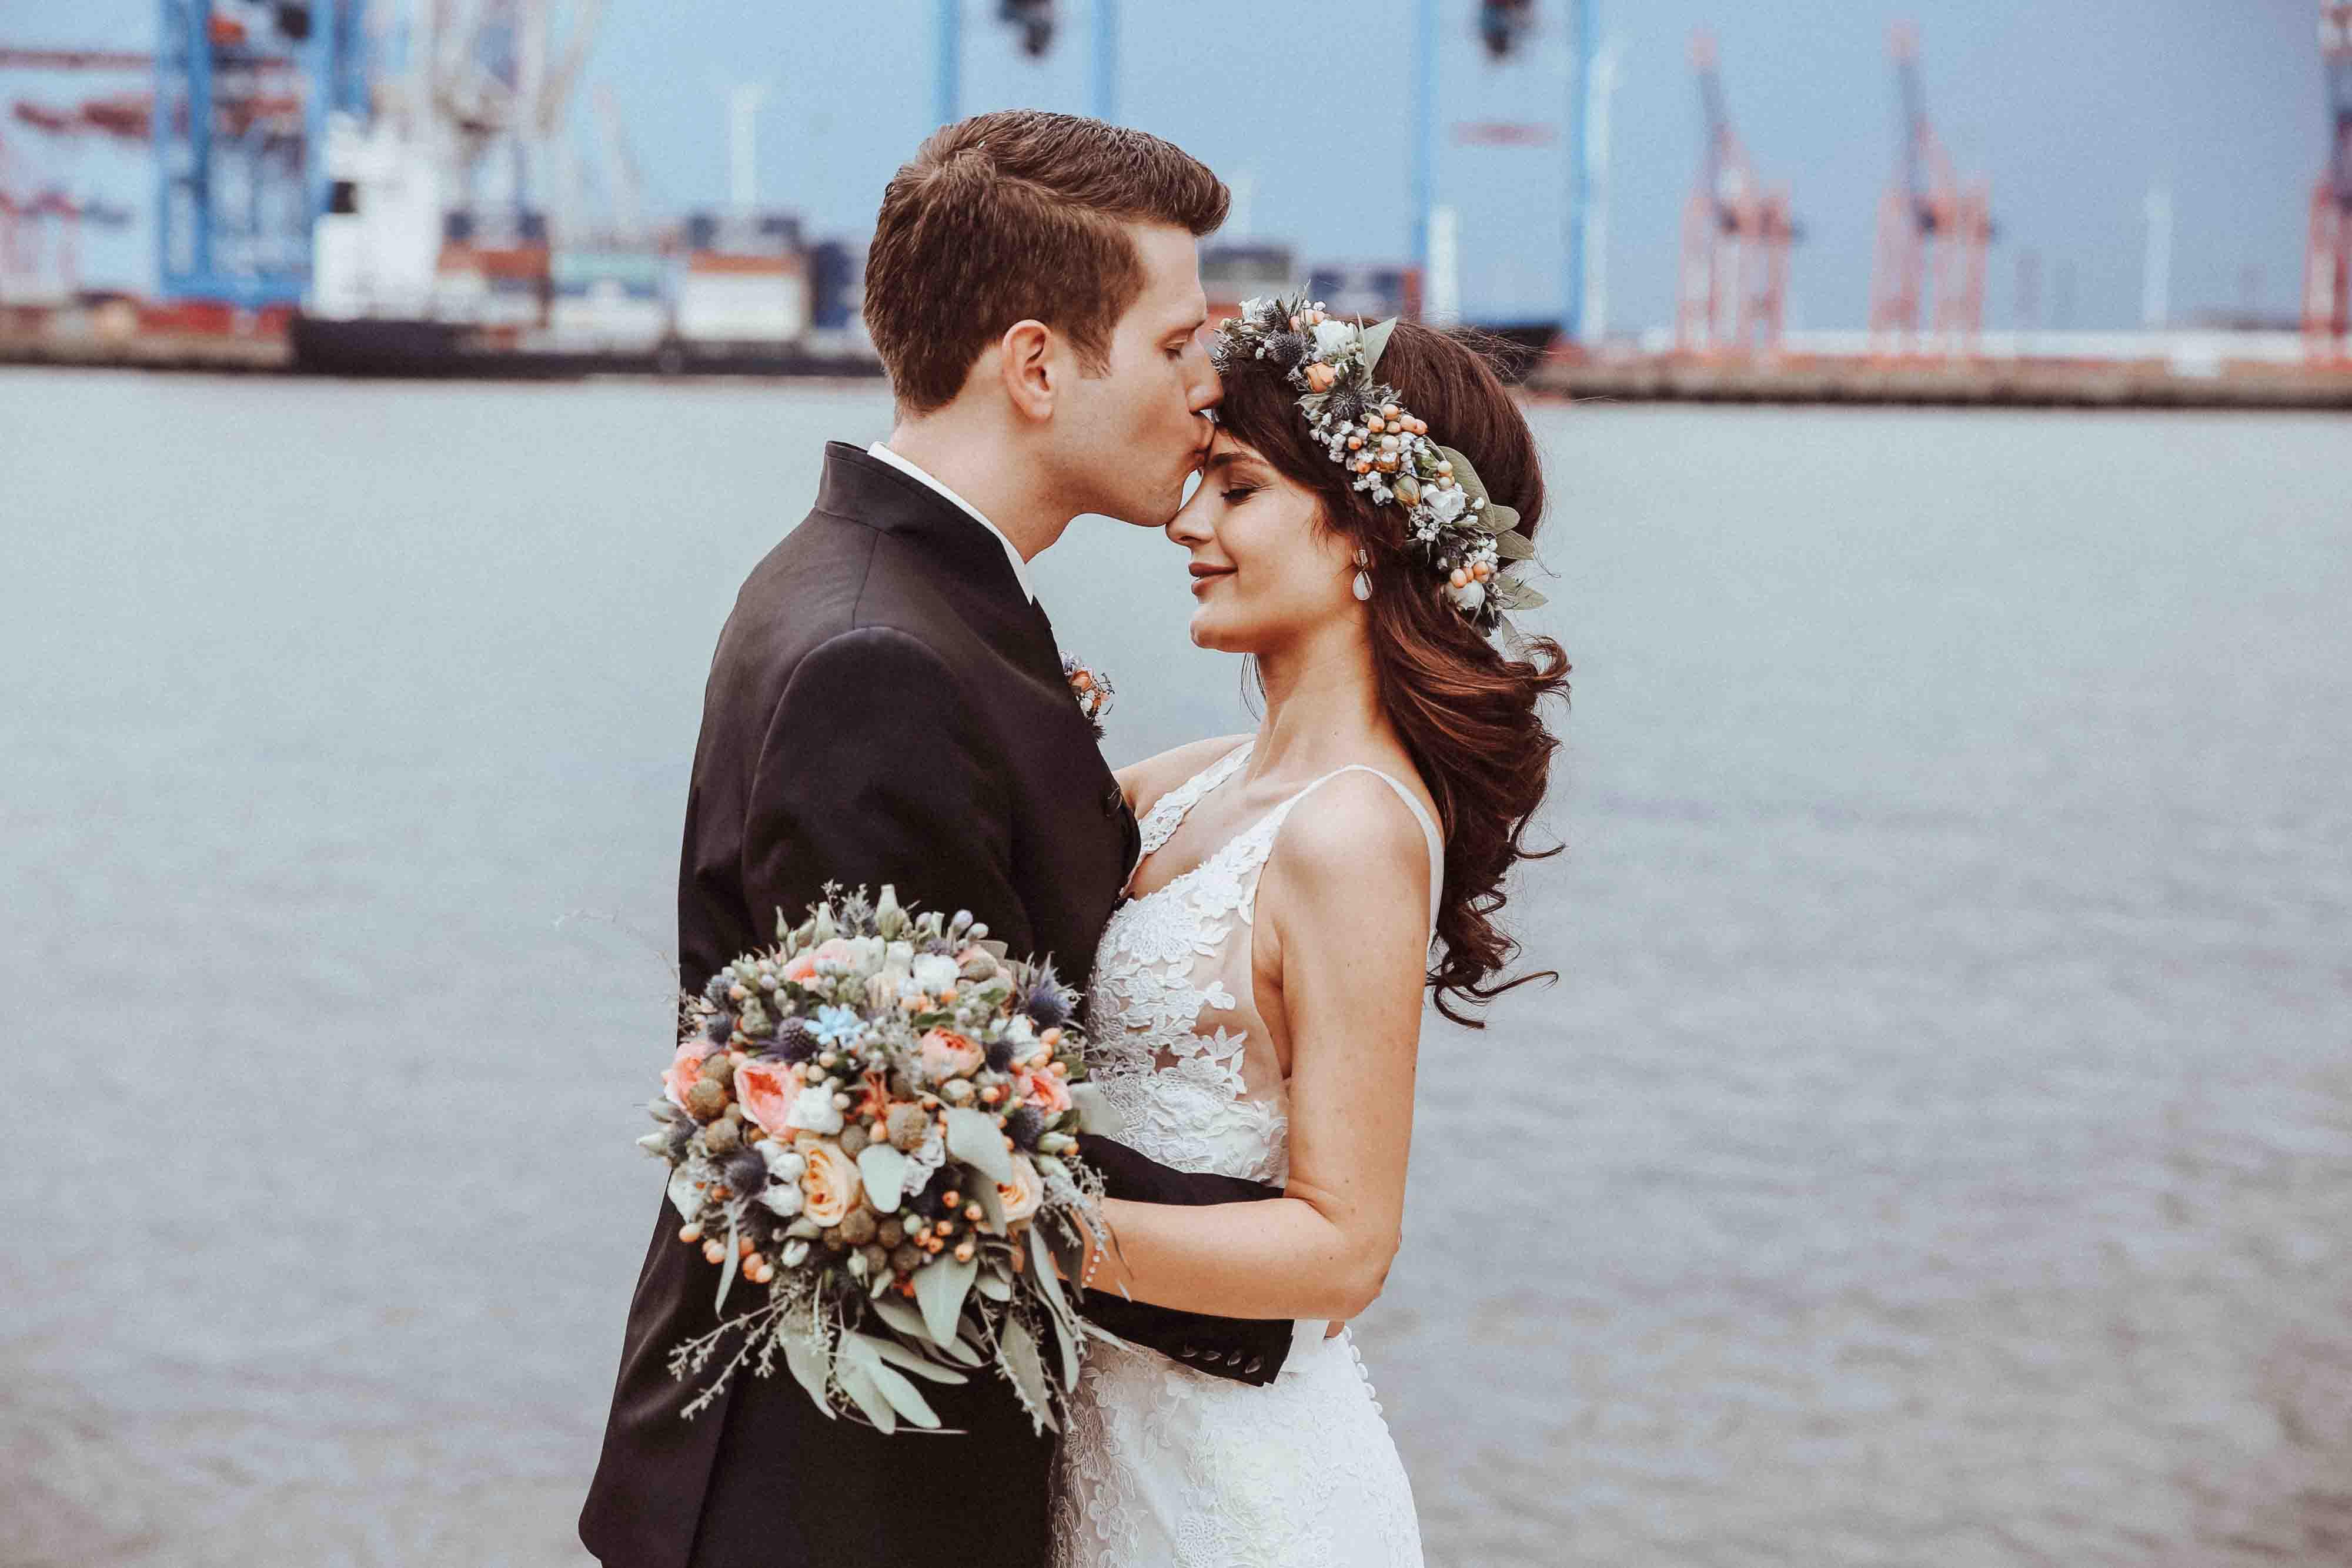 Hochzeitsfotos Hamburg mit Hamburger Hafen im Hintergrund, der Stil der Fotos ist natürlich